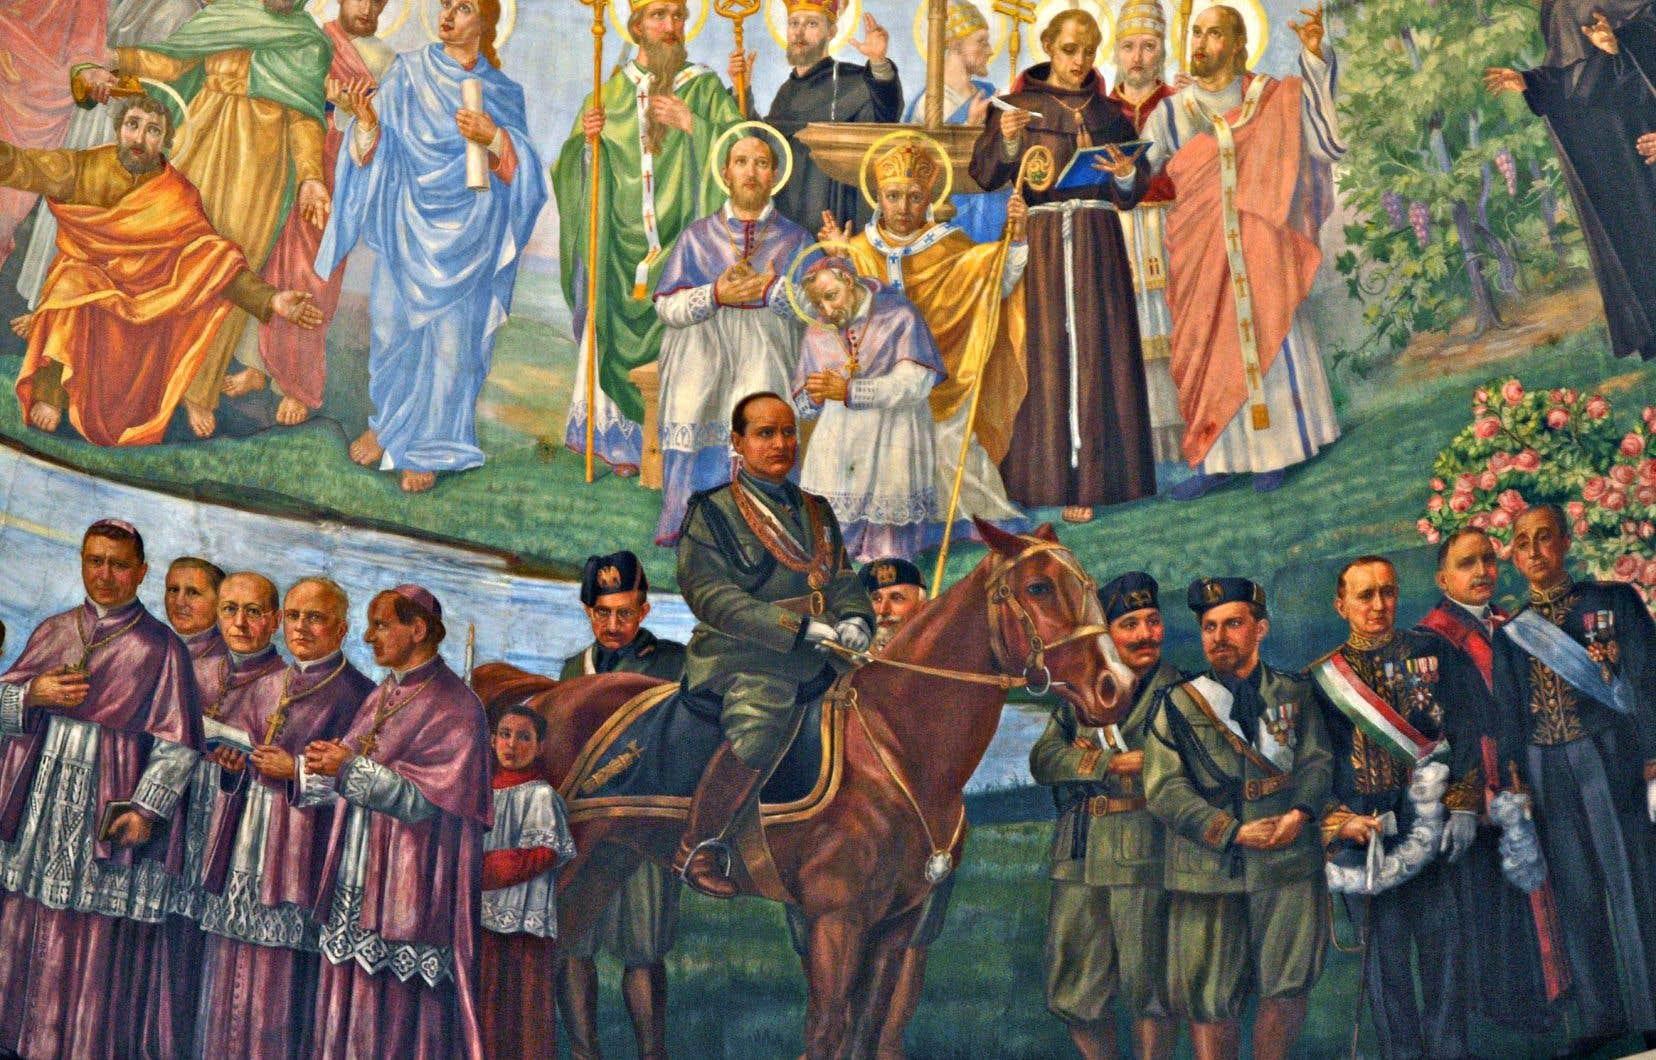 Fresque dédiée à Benito Mussolini réalisée dans les années 1930 par Guido Nincheri, dans l'église Notre-Dame-de-la-Défense.